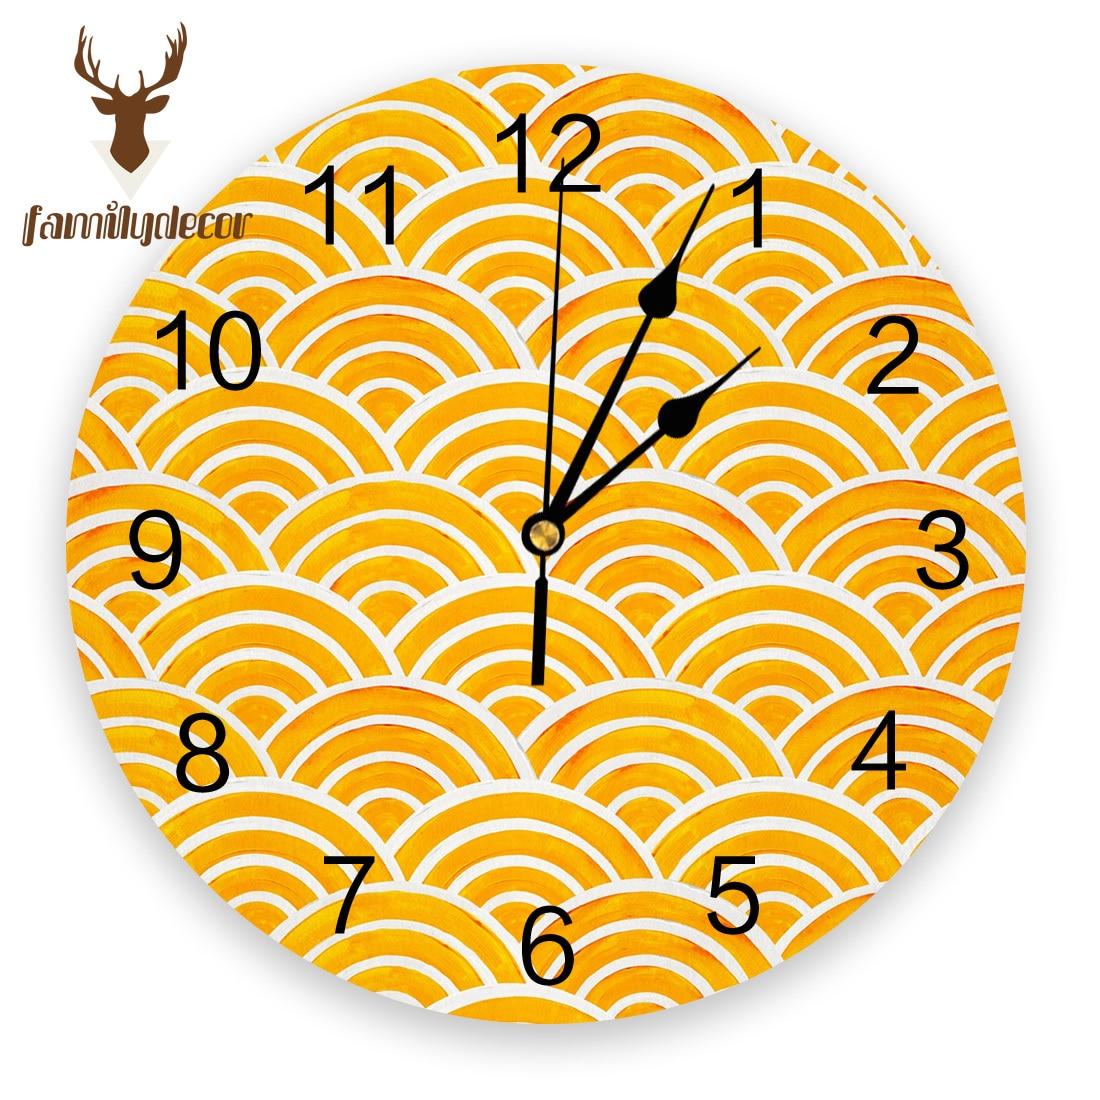 Японские Настенные часы Seigaiha Wave Marigold с принтом ПВХ, современный дизайн, домашний декор, для спальни, бесшумные часы для гостиной